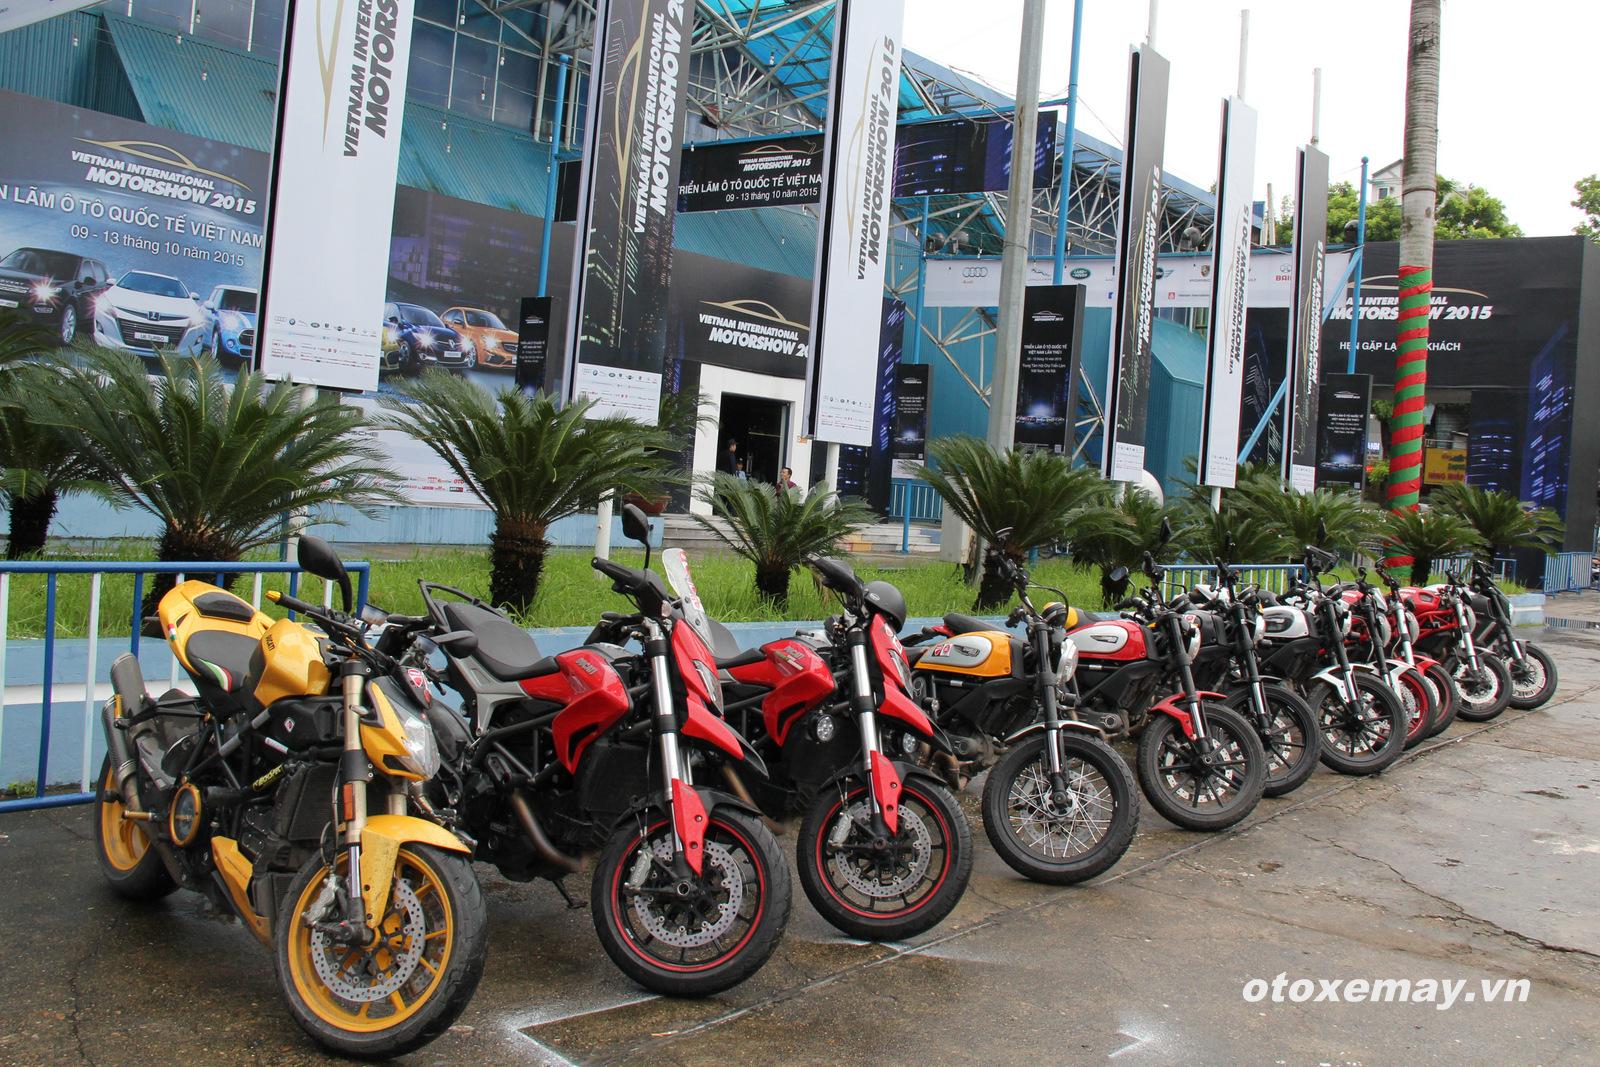 VIMS 2015: D.O.C Miền Bắc chính thức nhập hội Ducatisti thế giới 2